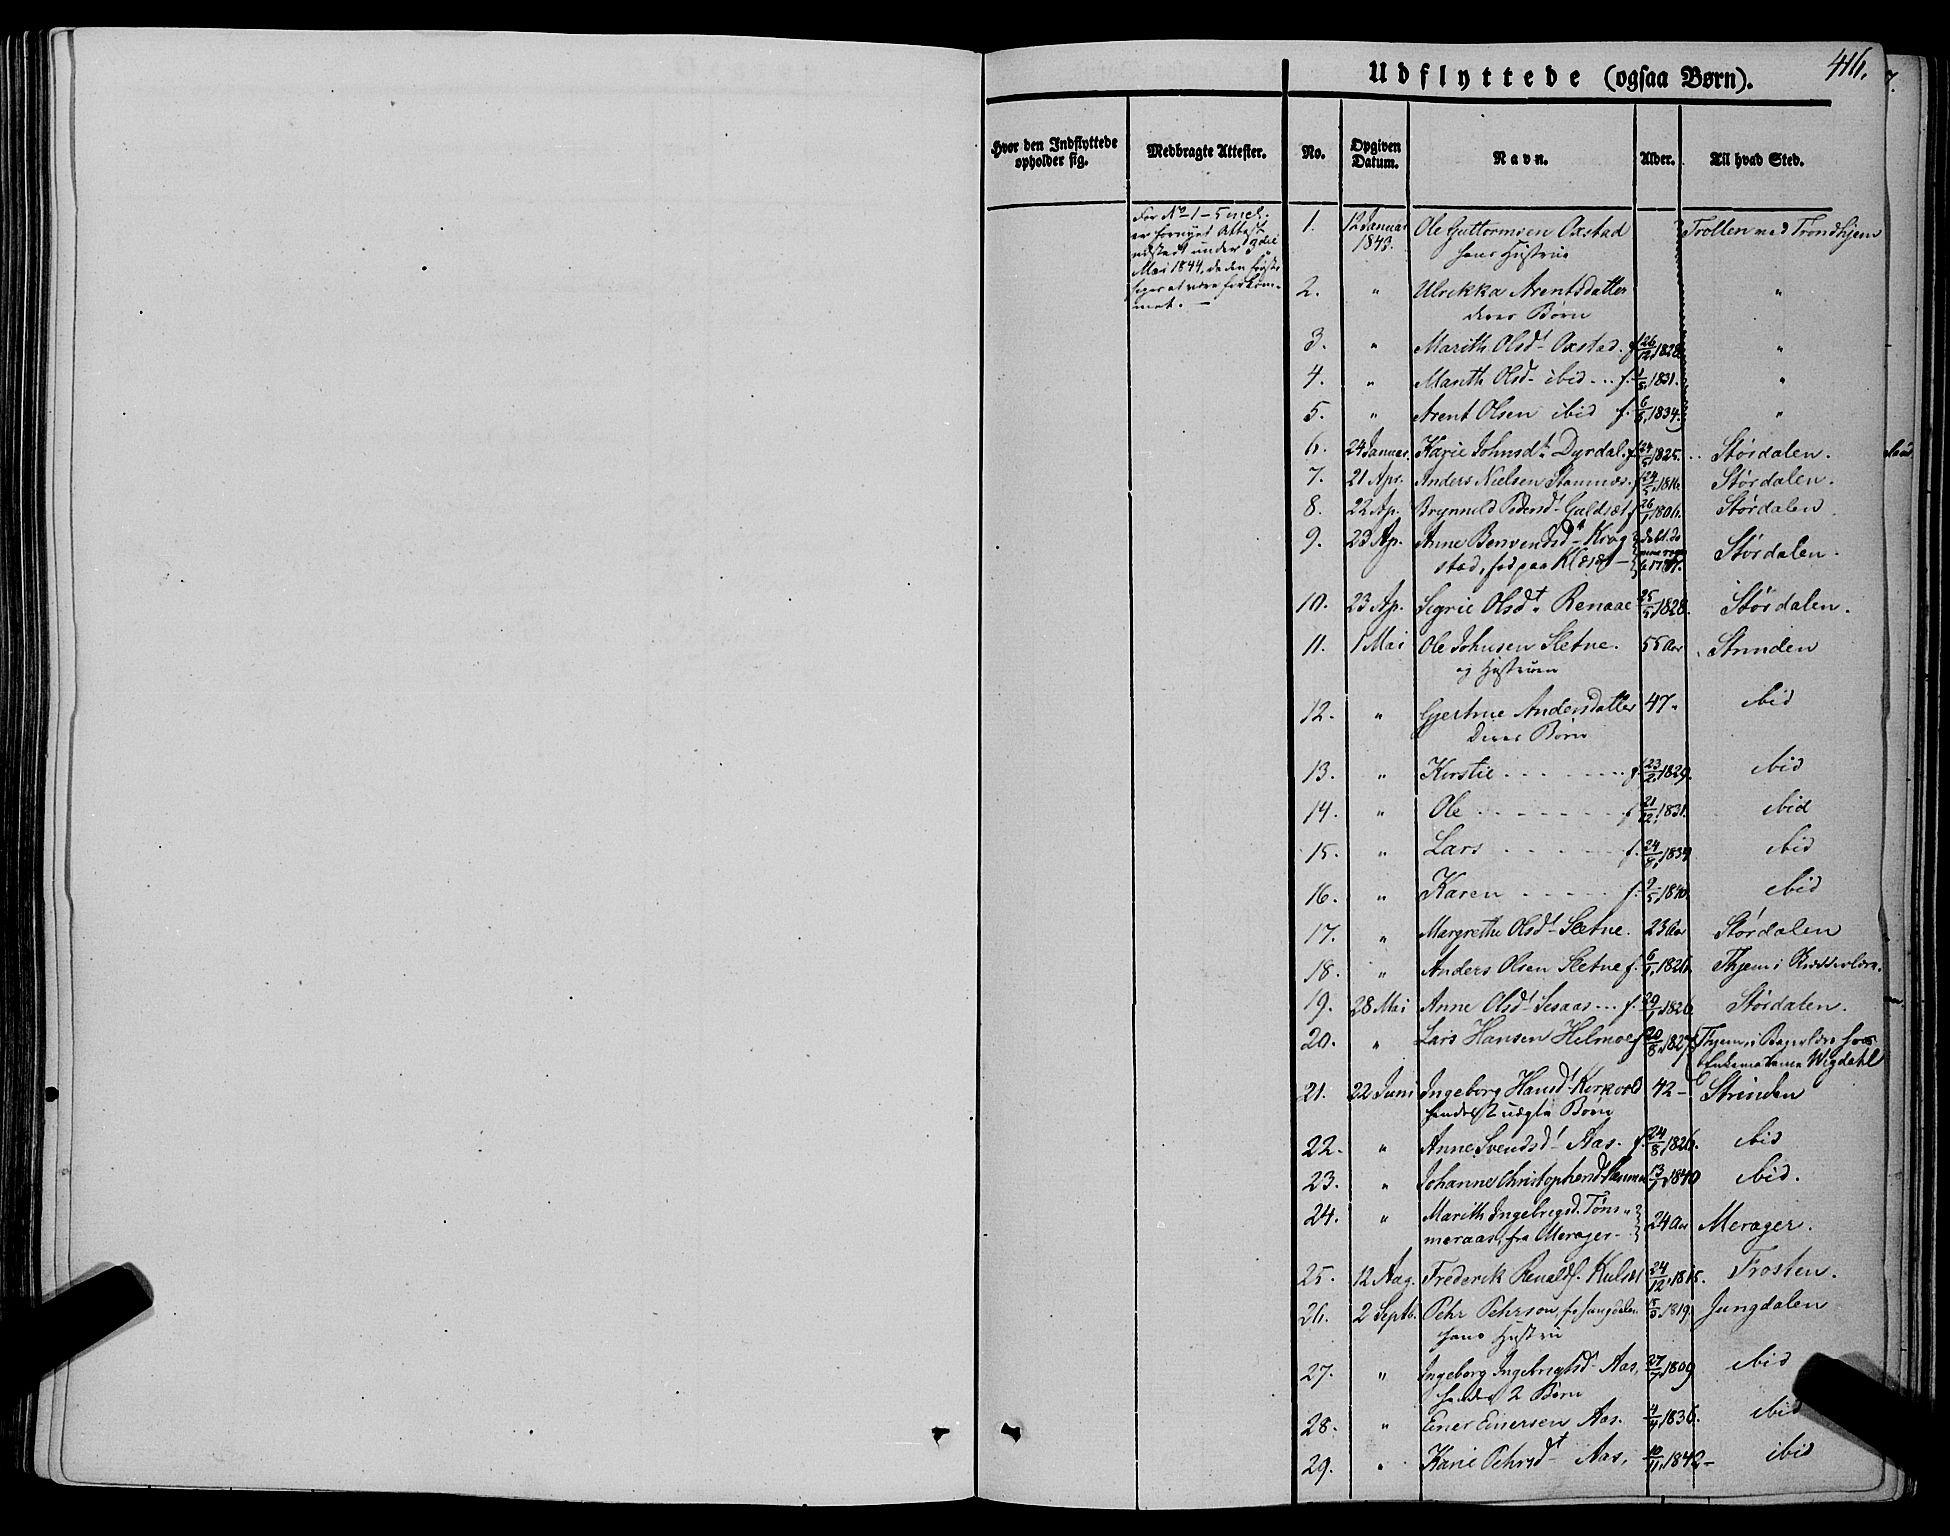 SAT, Ministerialprotokoller, klokkerbøker og fødselsregistre - Sør-Trøndelag, 695/L1145: Ministerialbok nr. 695A06 /1, 1843-1859, s. 416